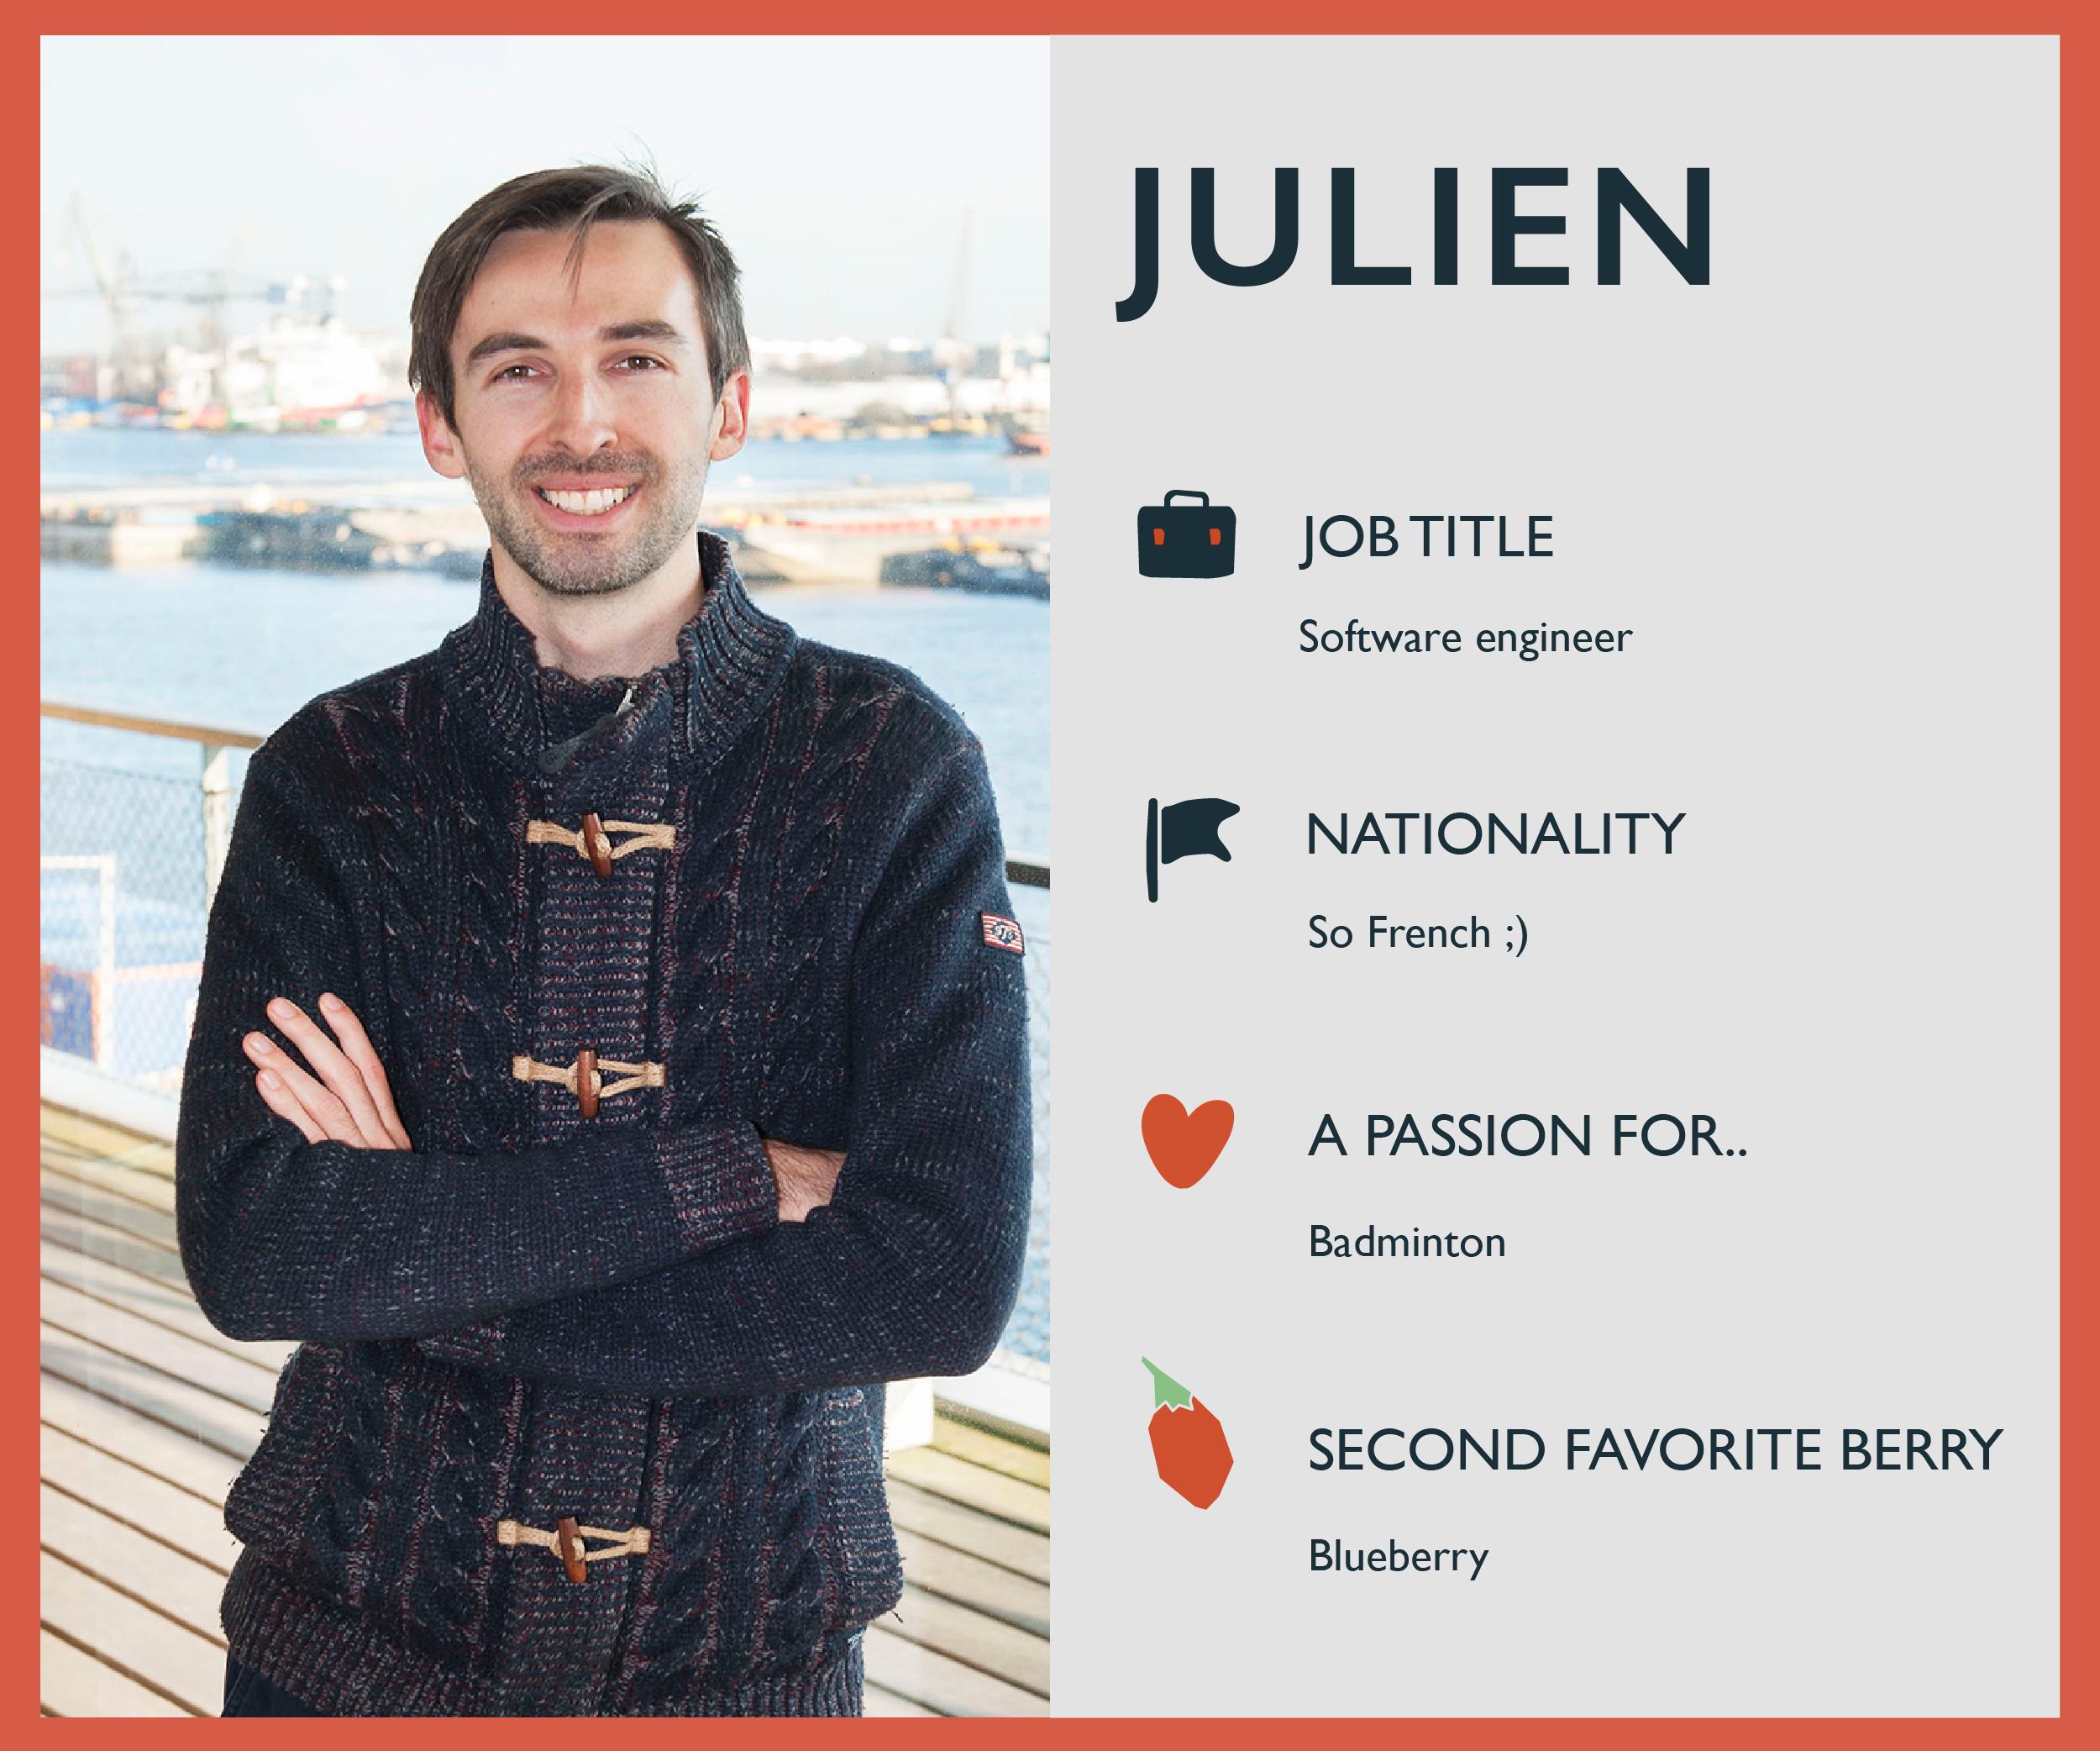 Julien-V2.png